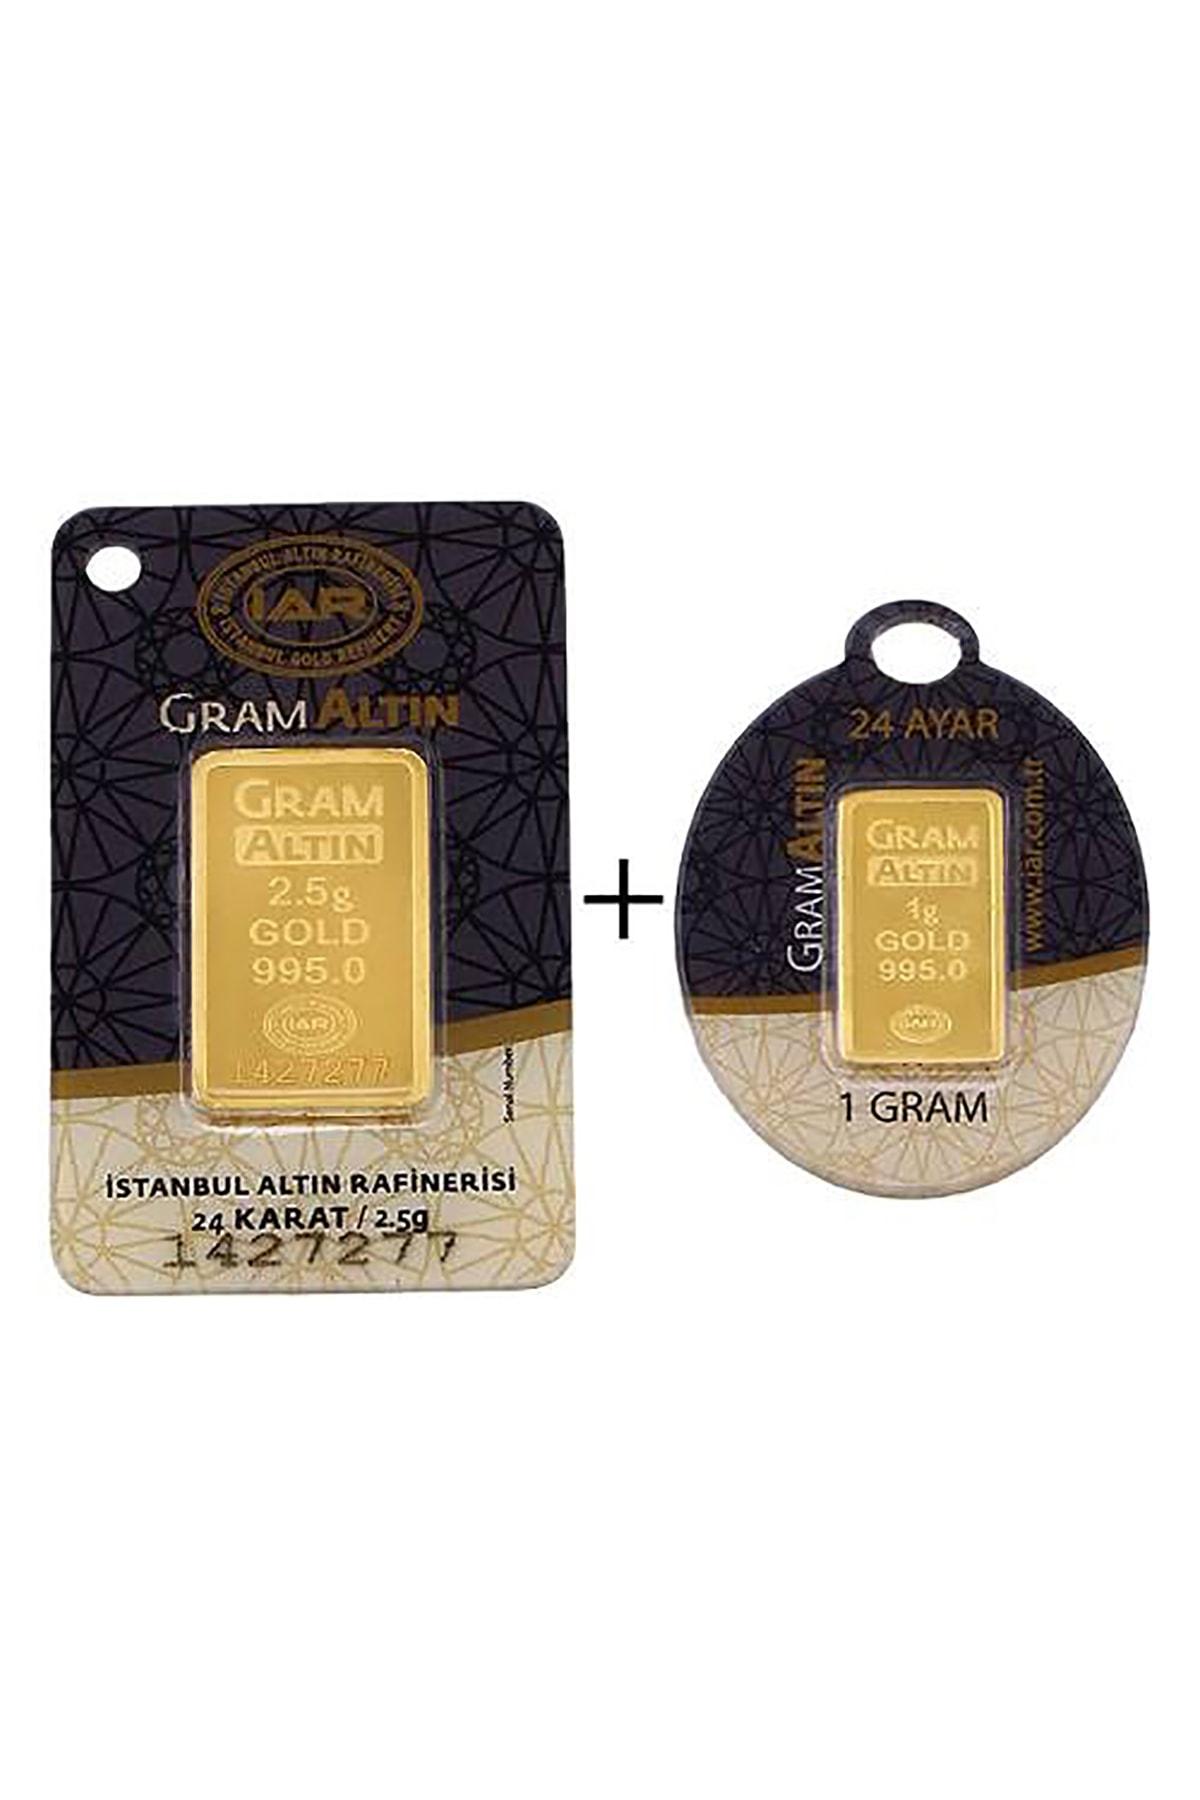 Tuğrul Kuyumculuk 3,5 Gram (2,5+1) Külçe Gram Altın IAR 24 Ayar K0003-5